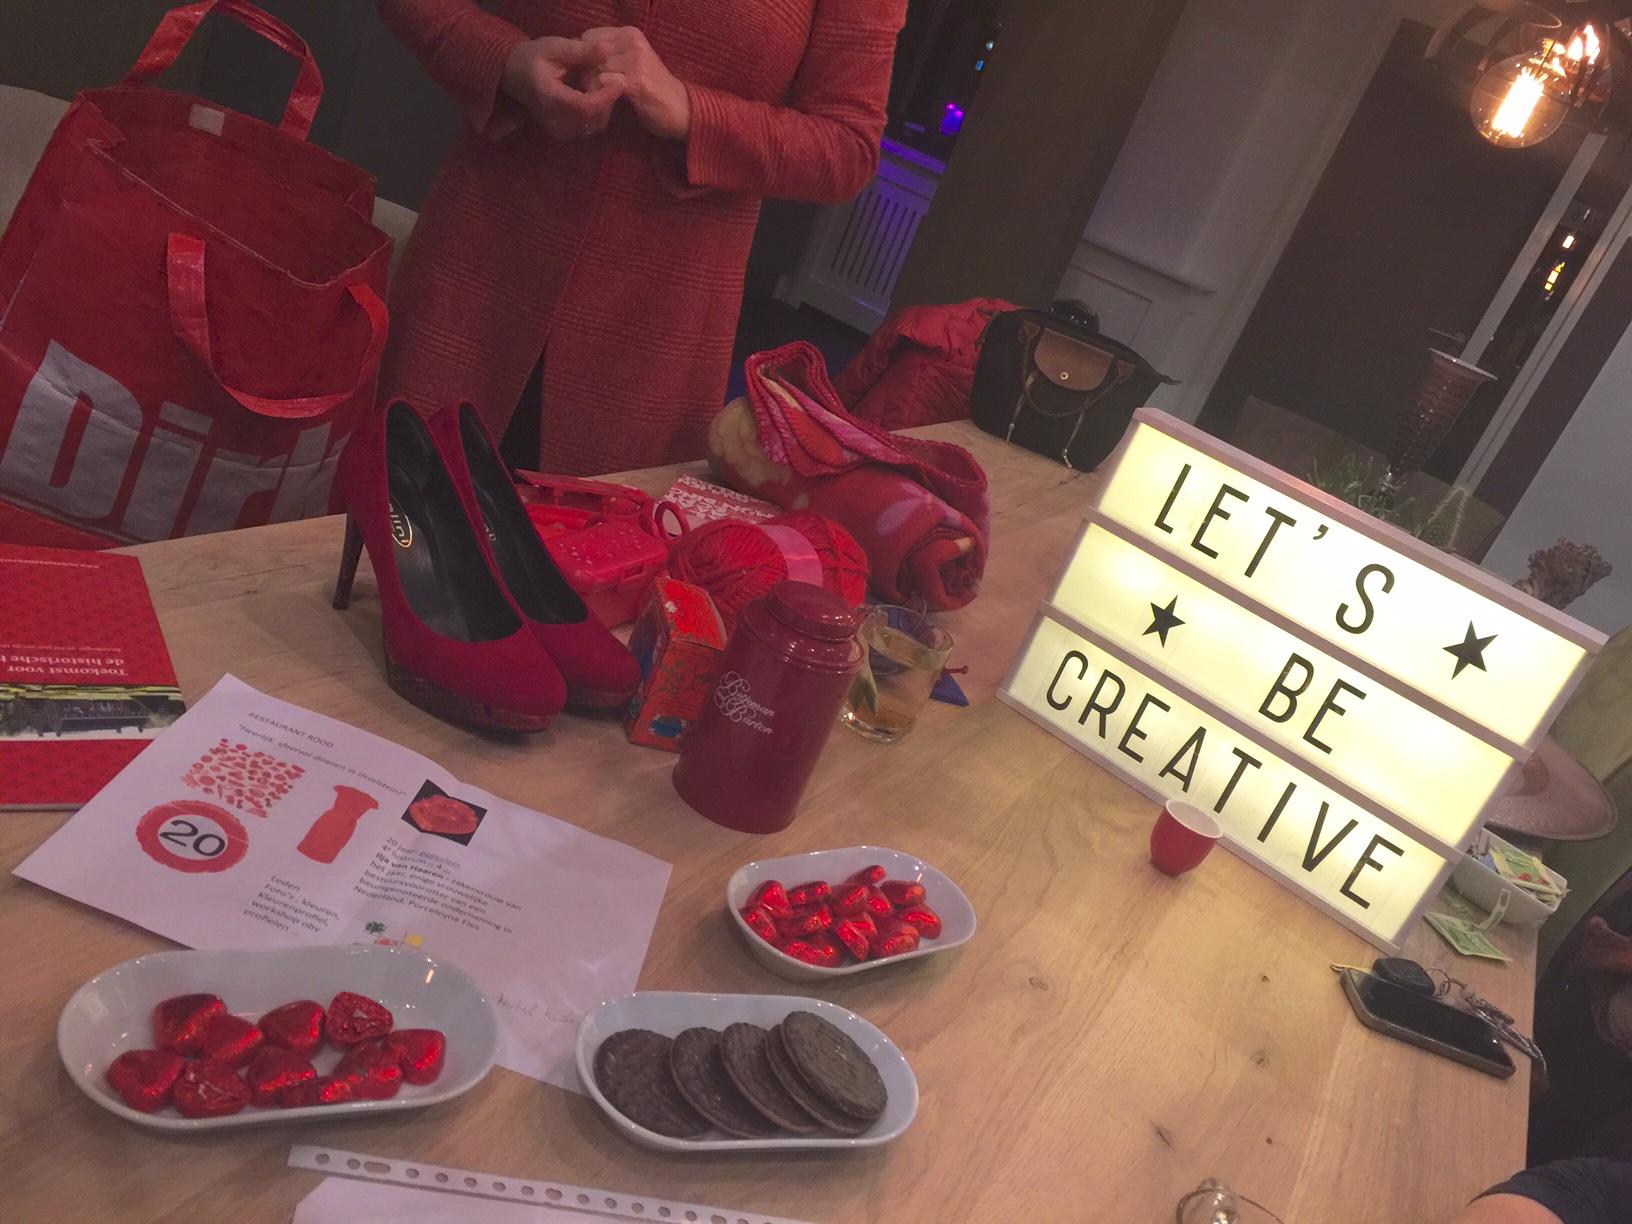 Creatief bezig met LEF in rood